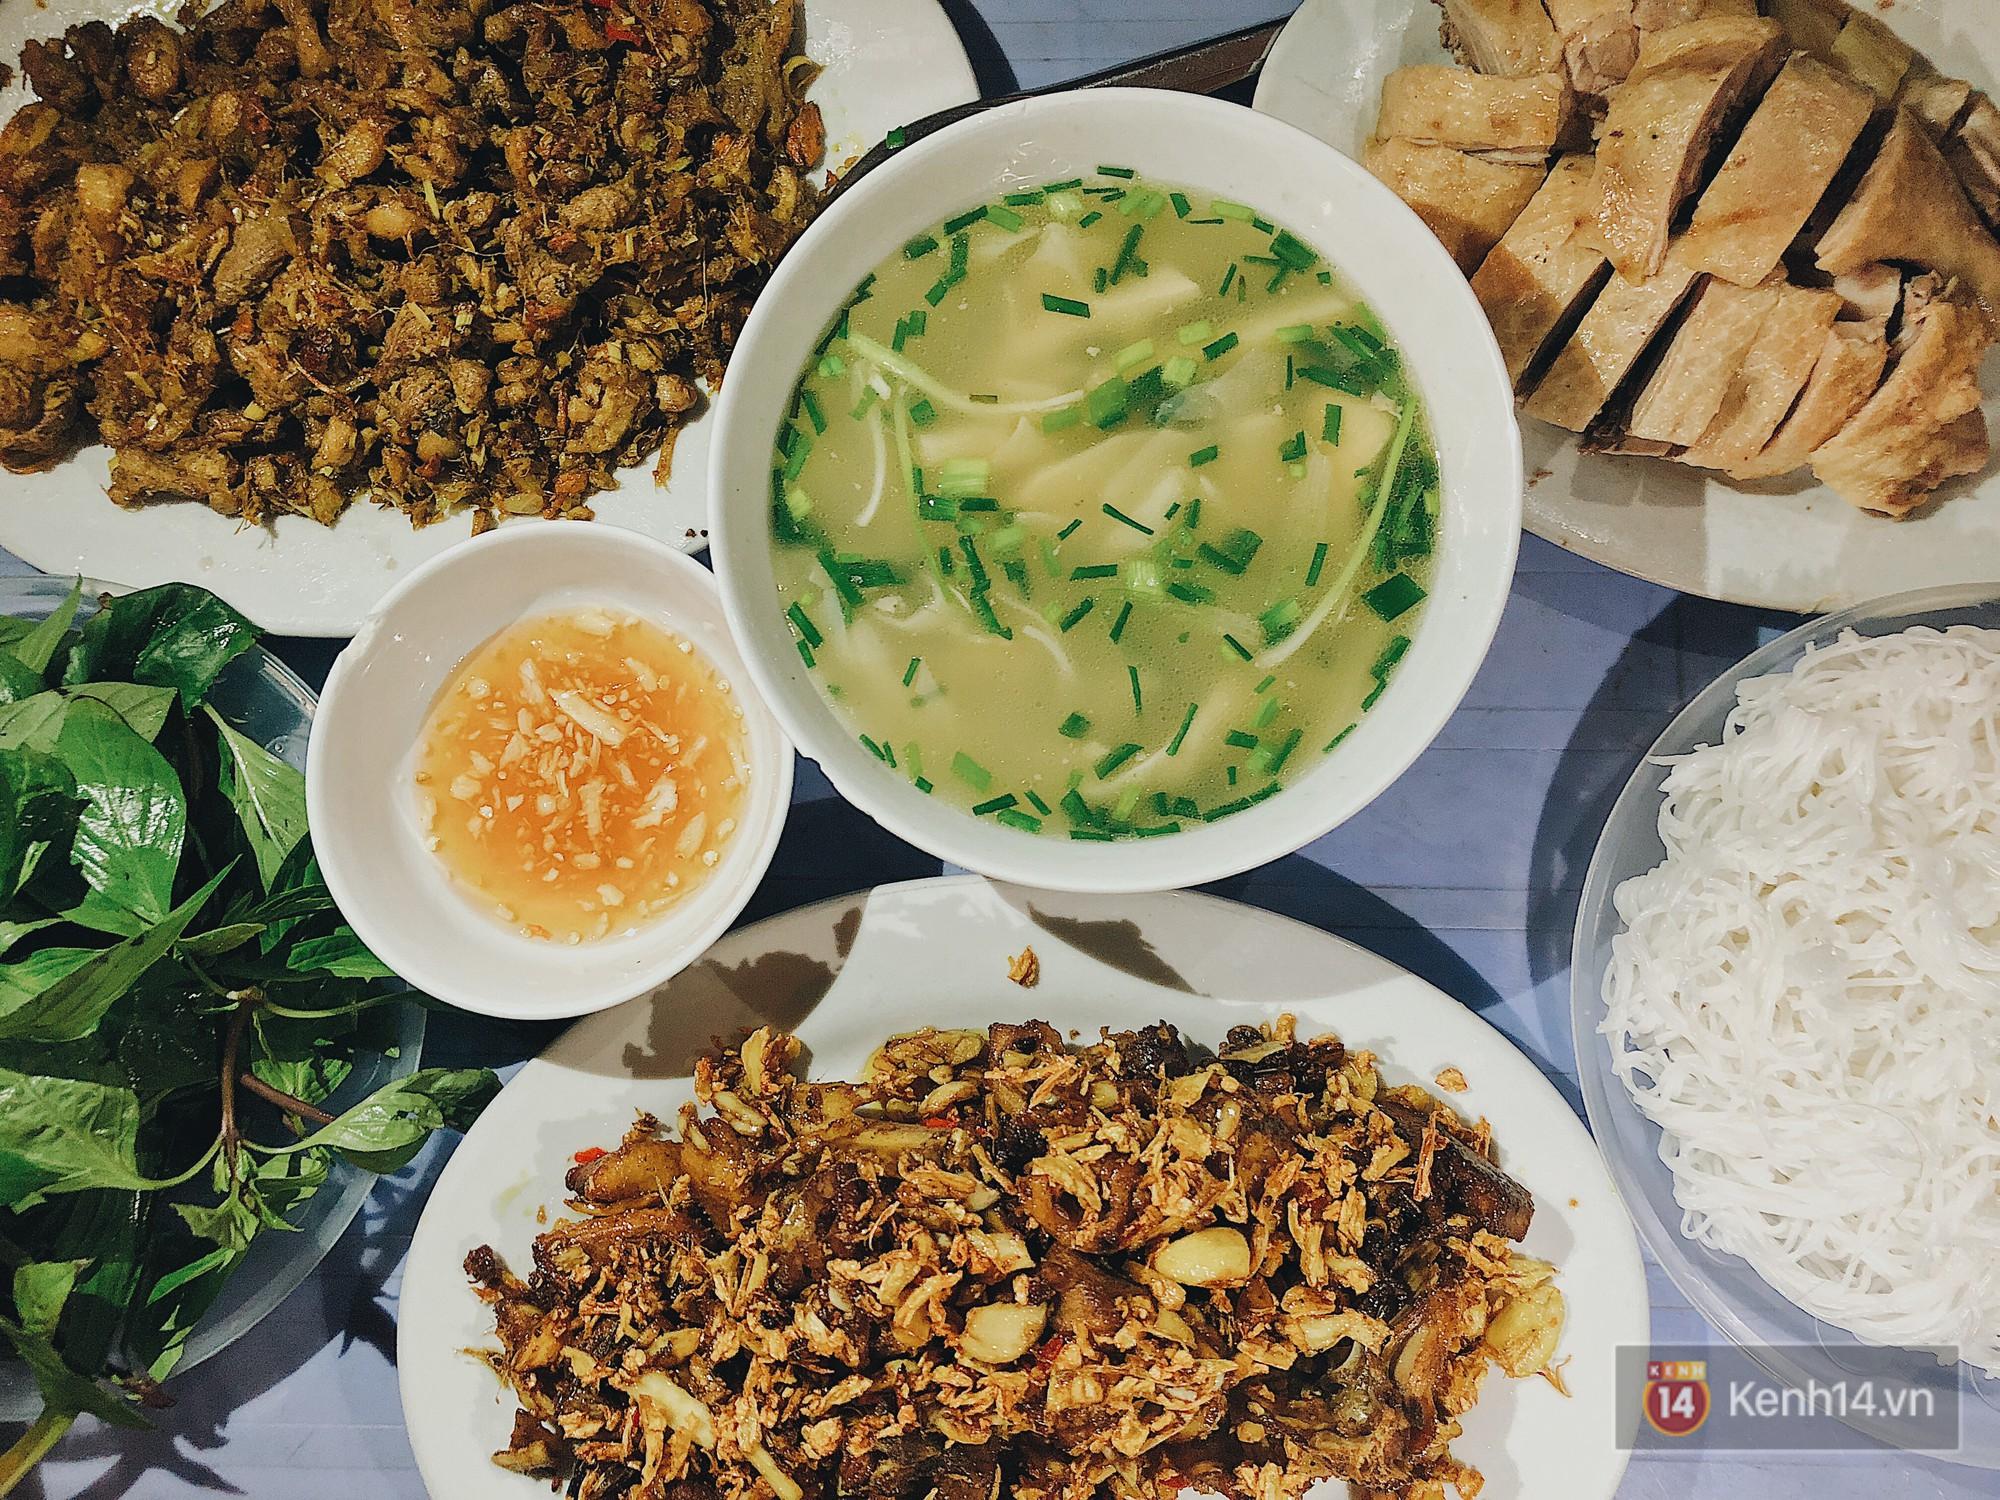 Đây chính là món ăn đang nổi được giới trẻ Hà Nội thi nhau check-in ầm ầm trong mùa này - Ảnh 1.